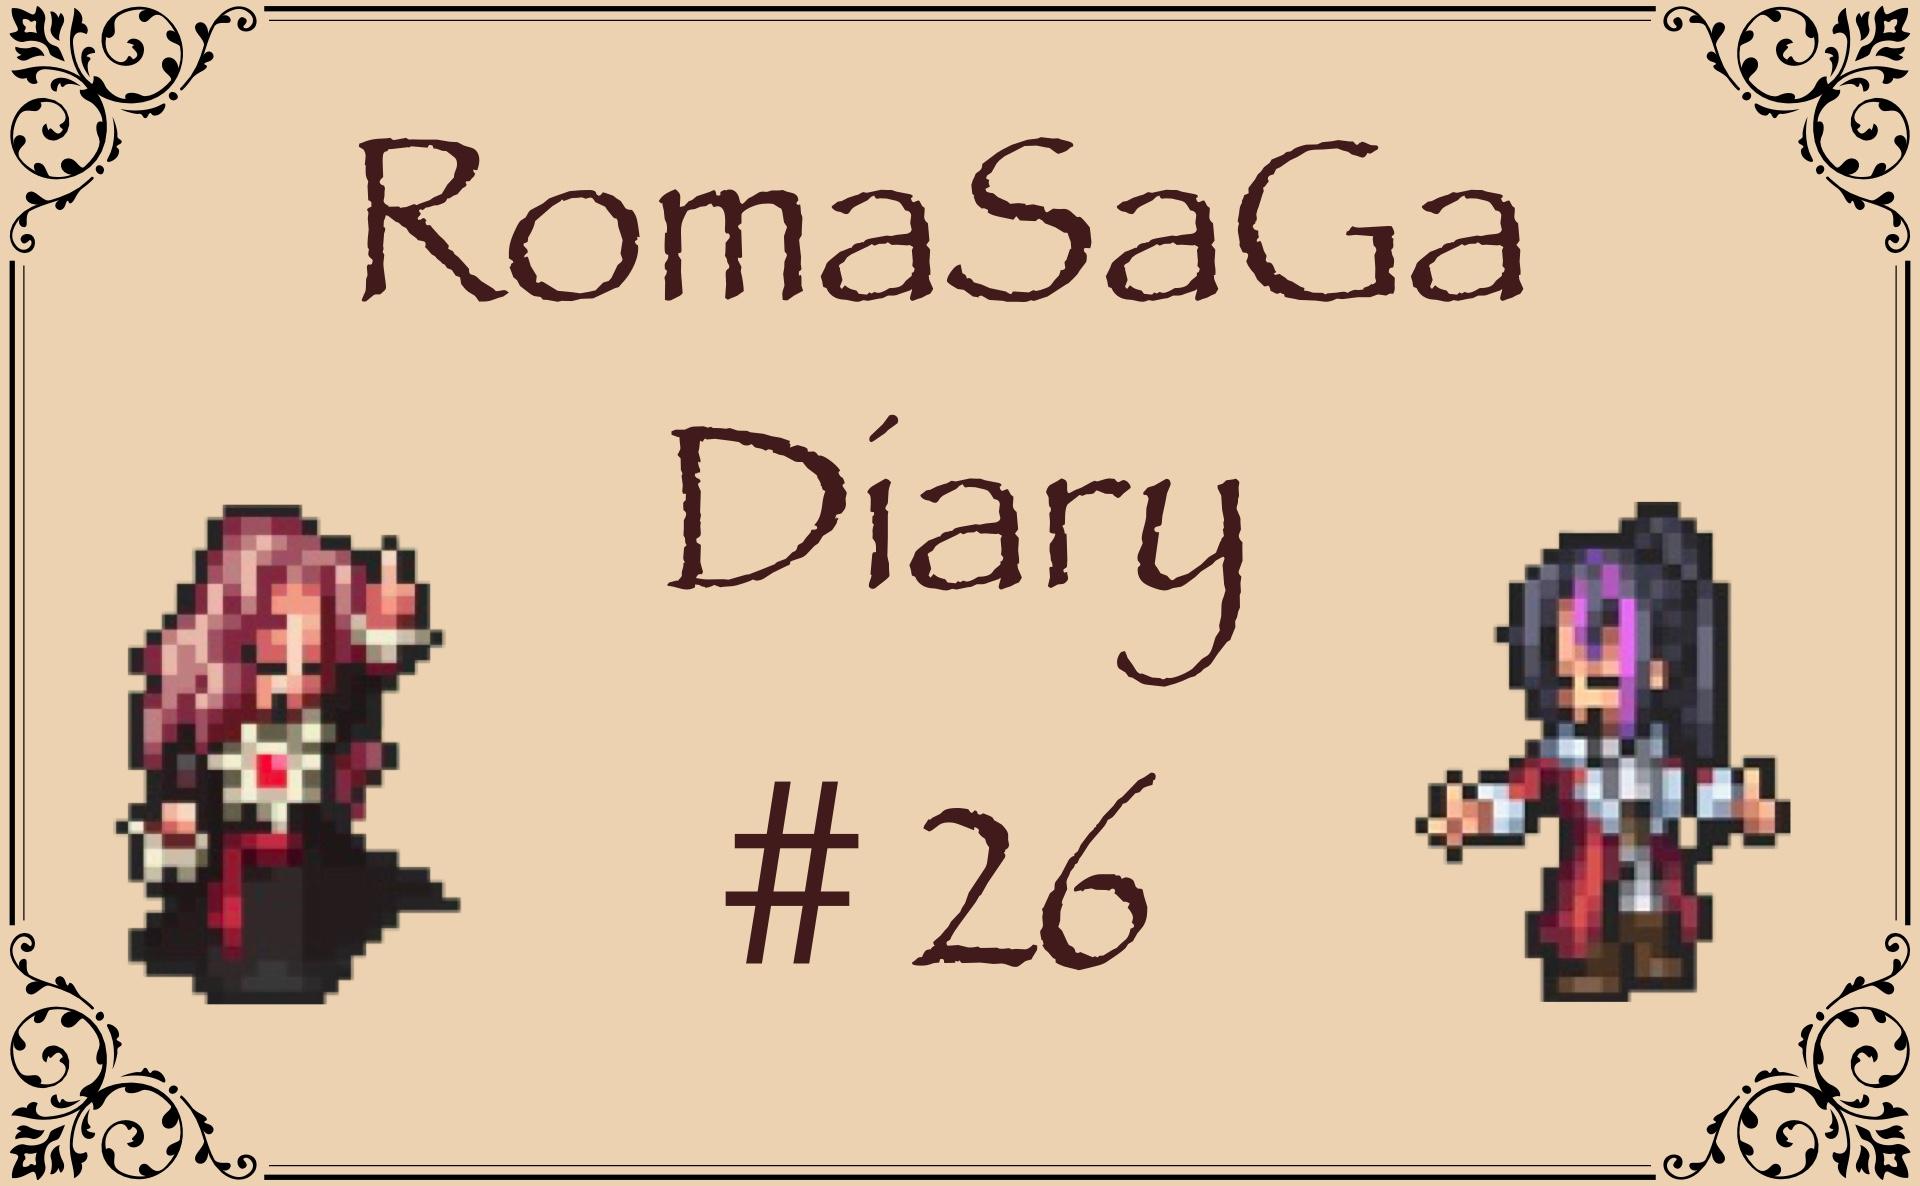 ロマサガDiary#26